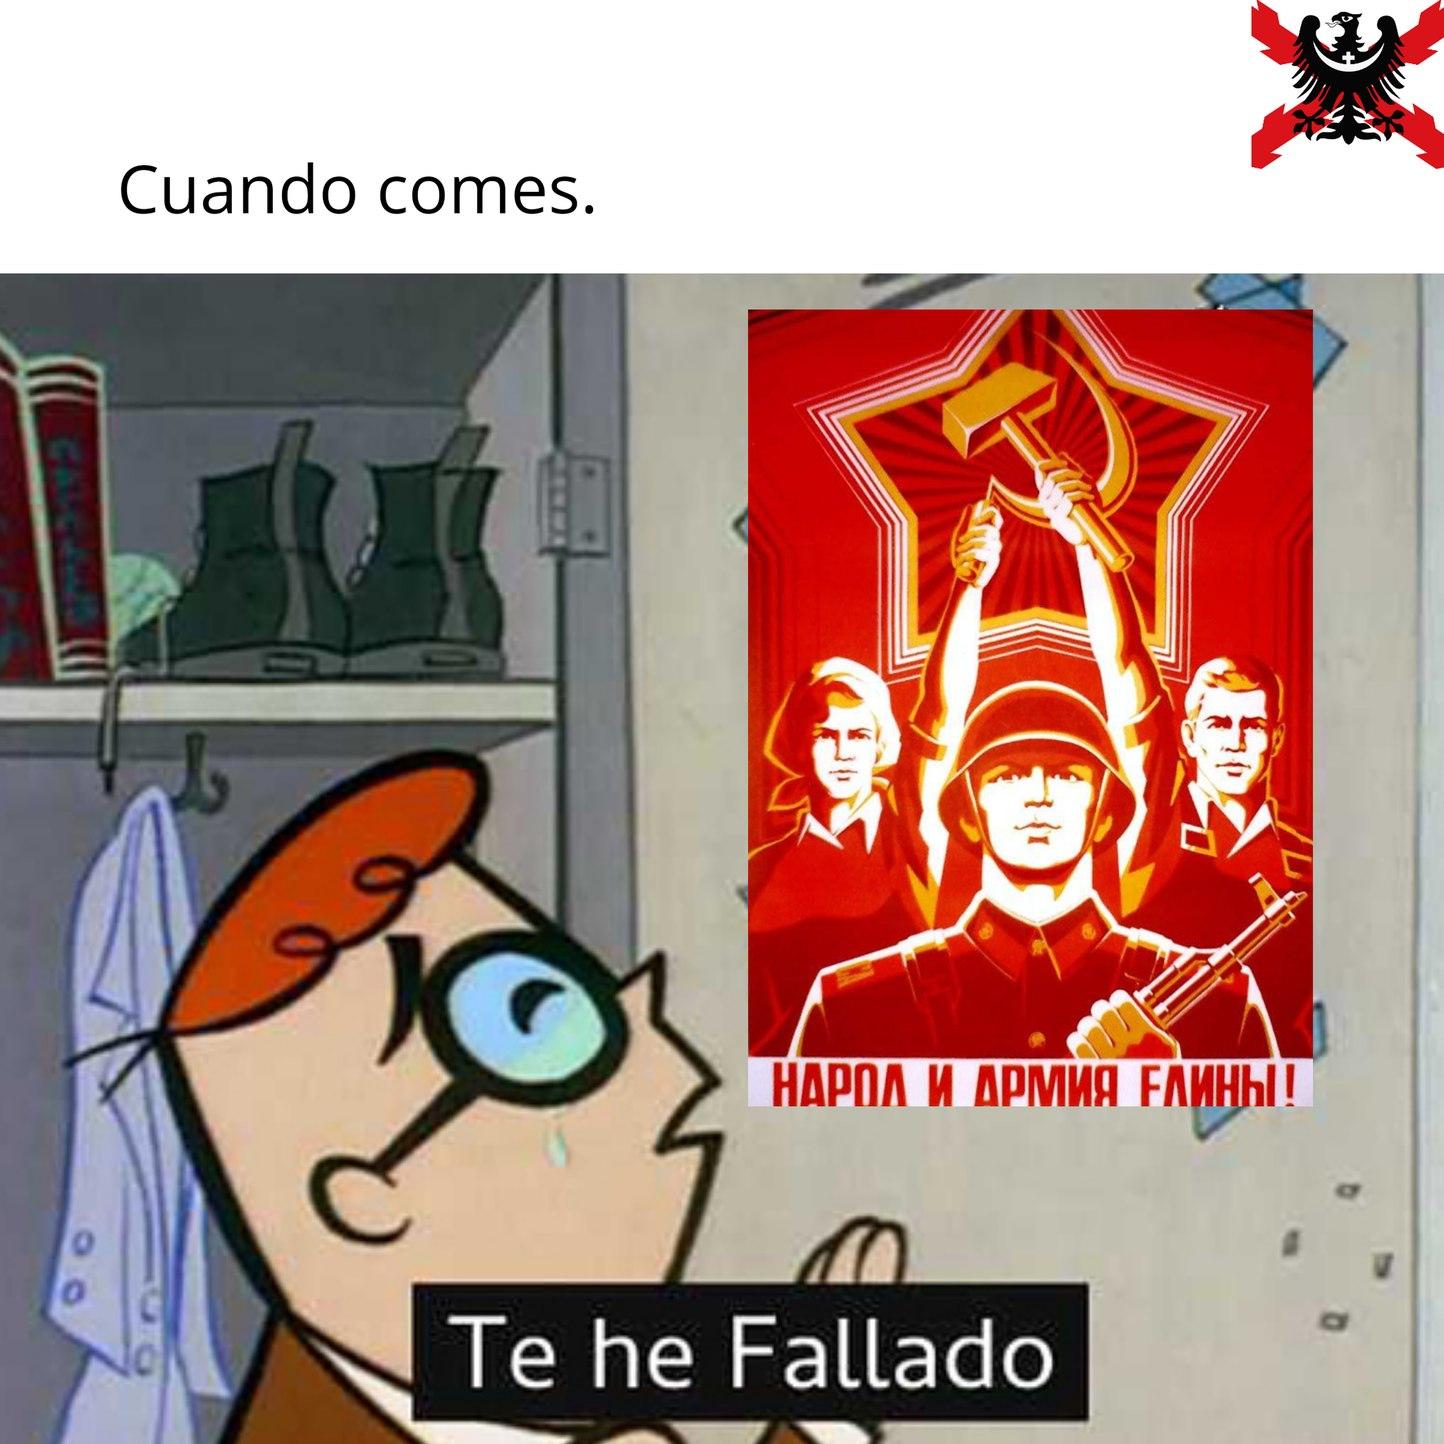 El título murió en el gulag - meme